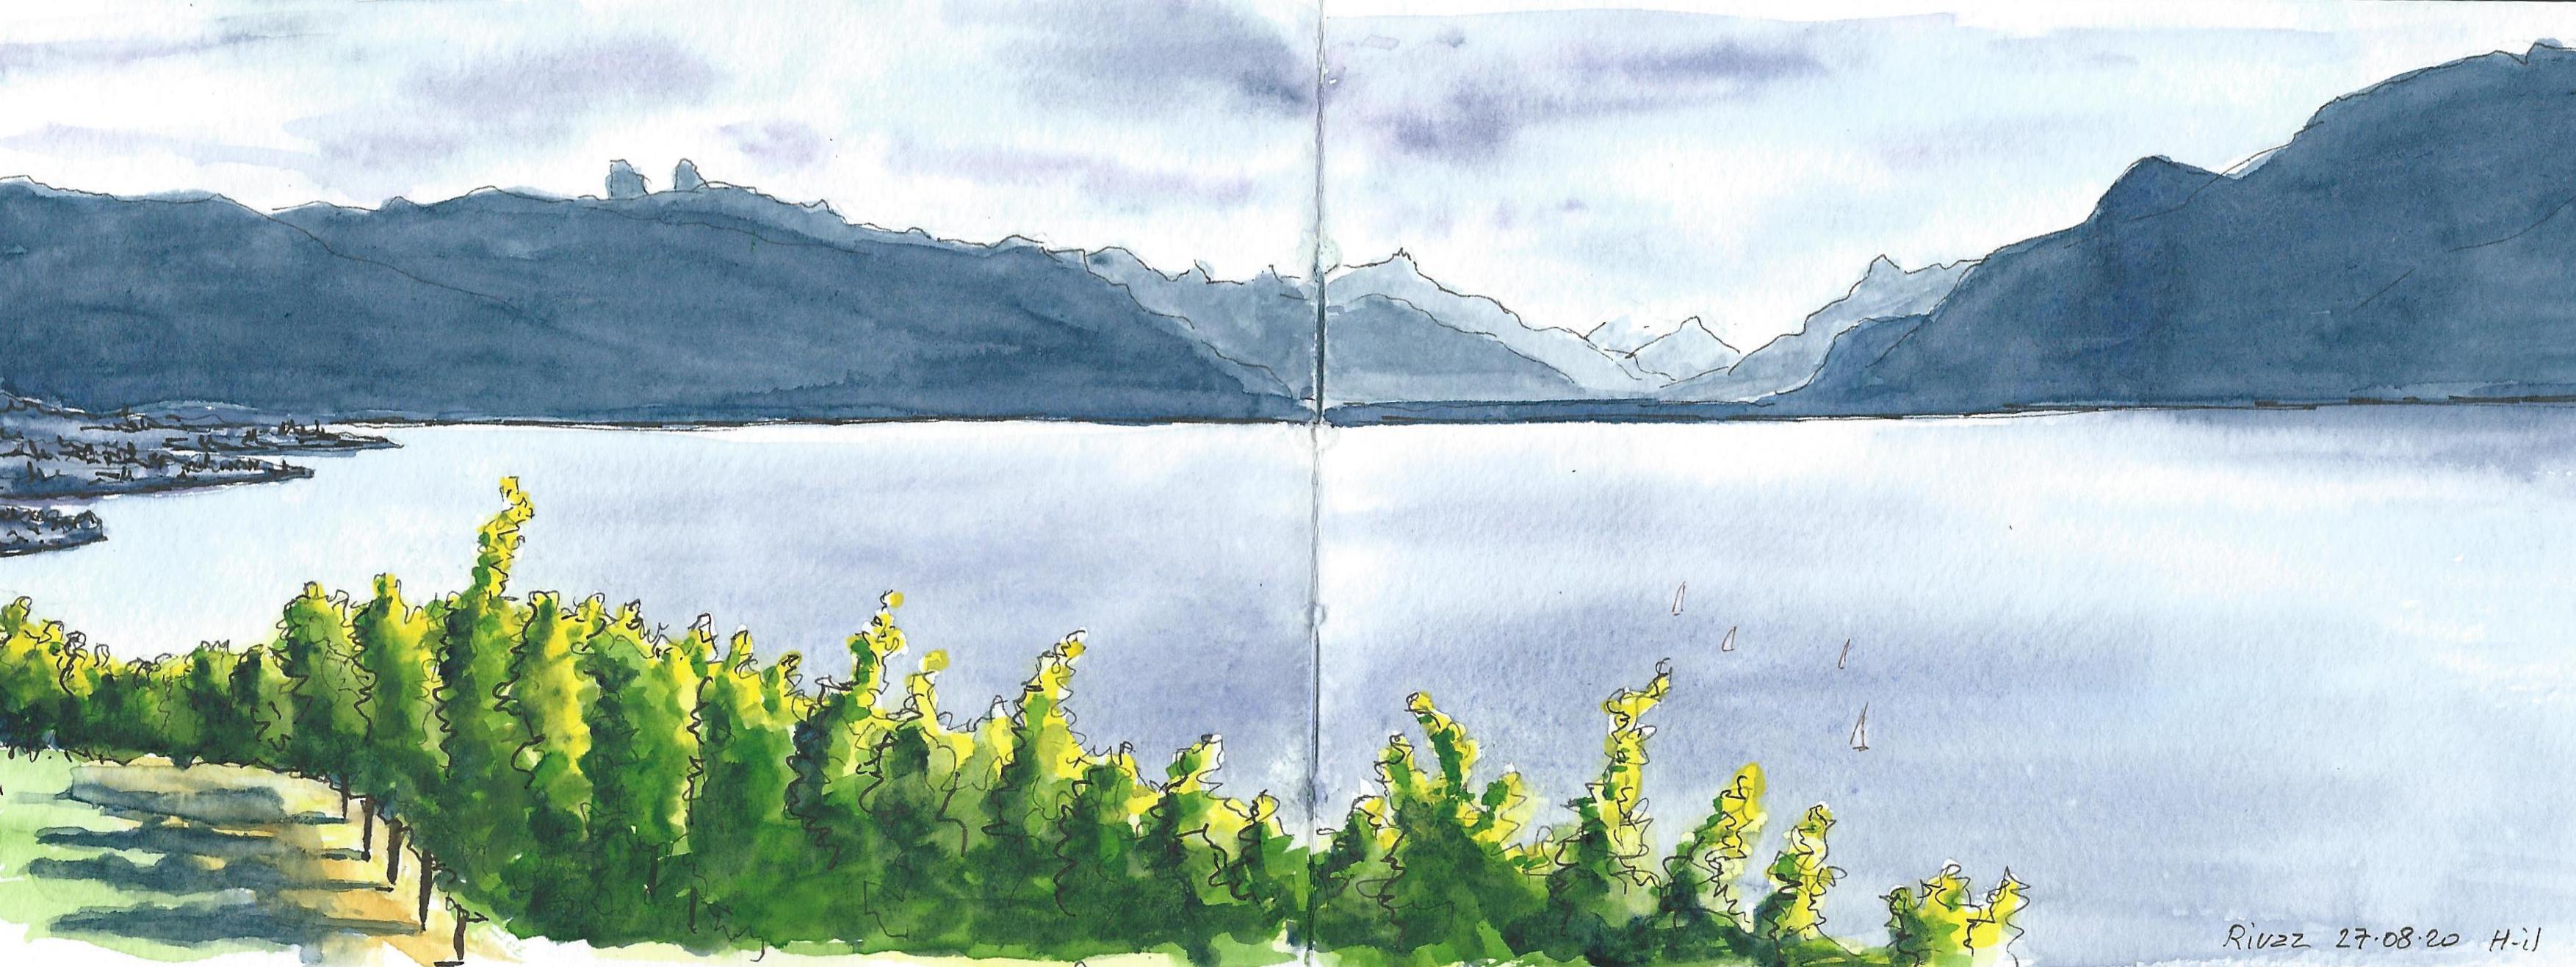 Haut lac Rivaz